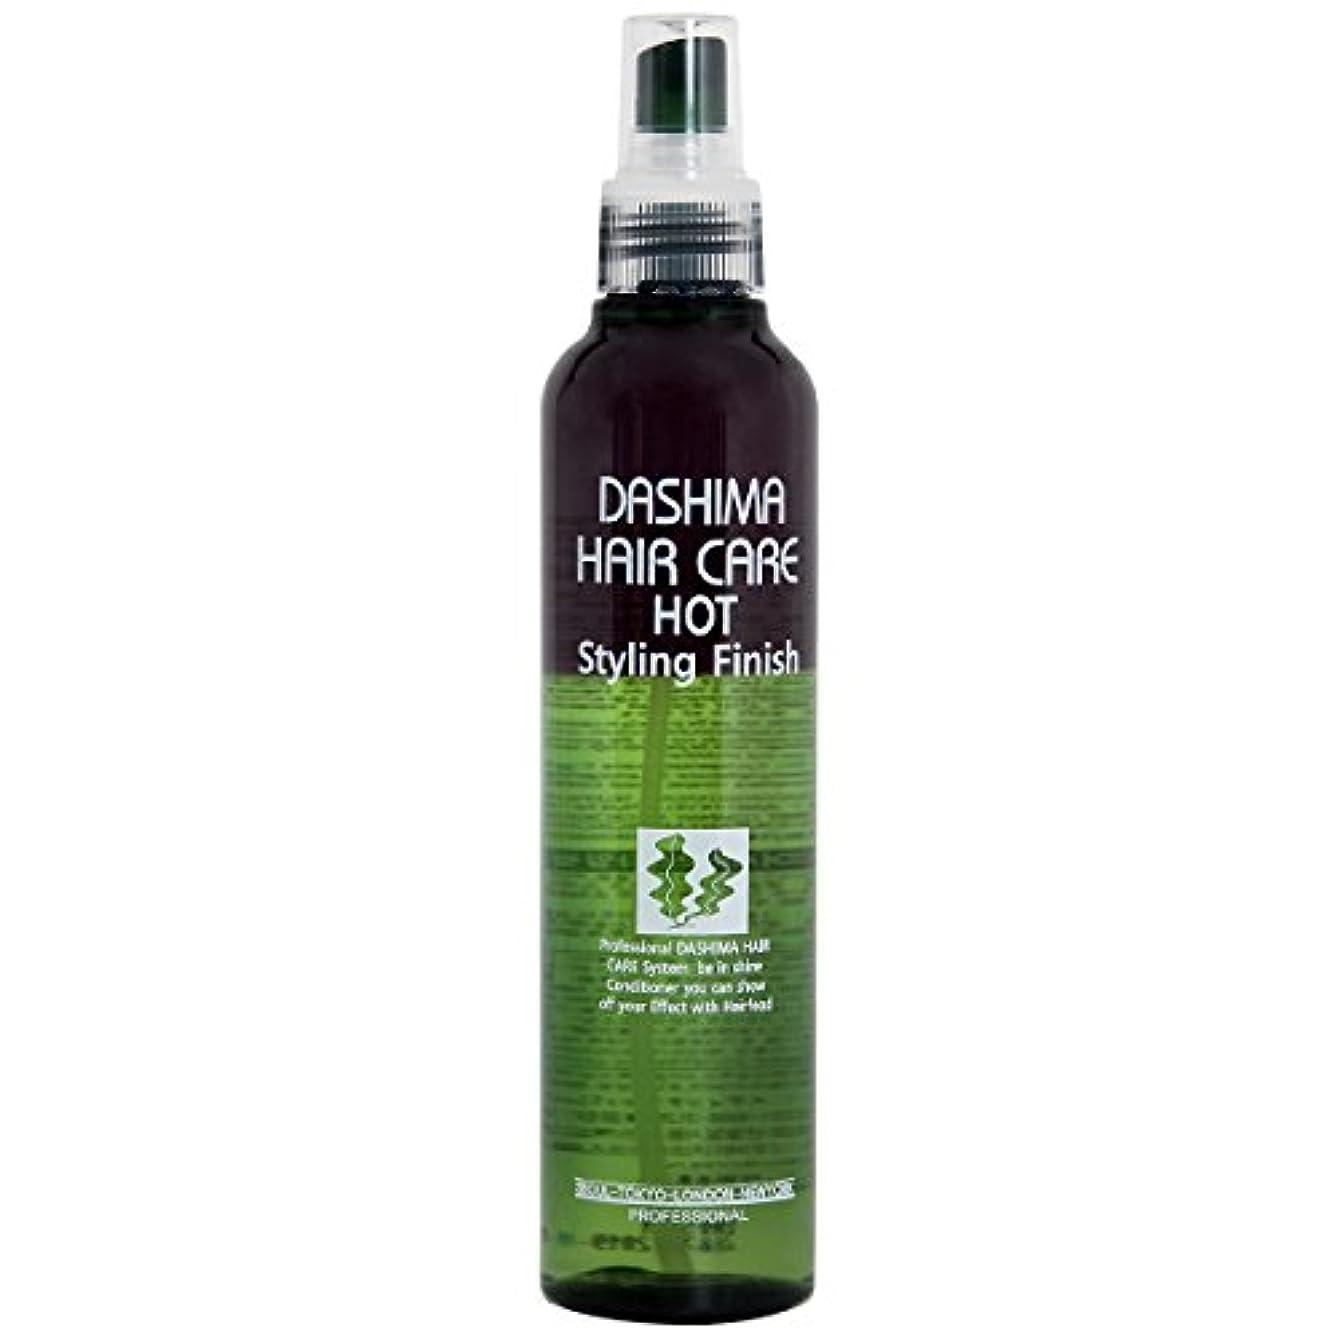 利点靄強いますダシマヘアケアハッスタイルリングピニスィ250ml(DASHIMA HAIR CARE Hot Styling Finish 250ml)